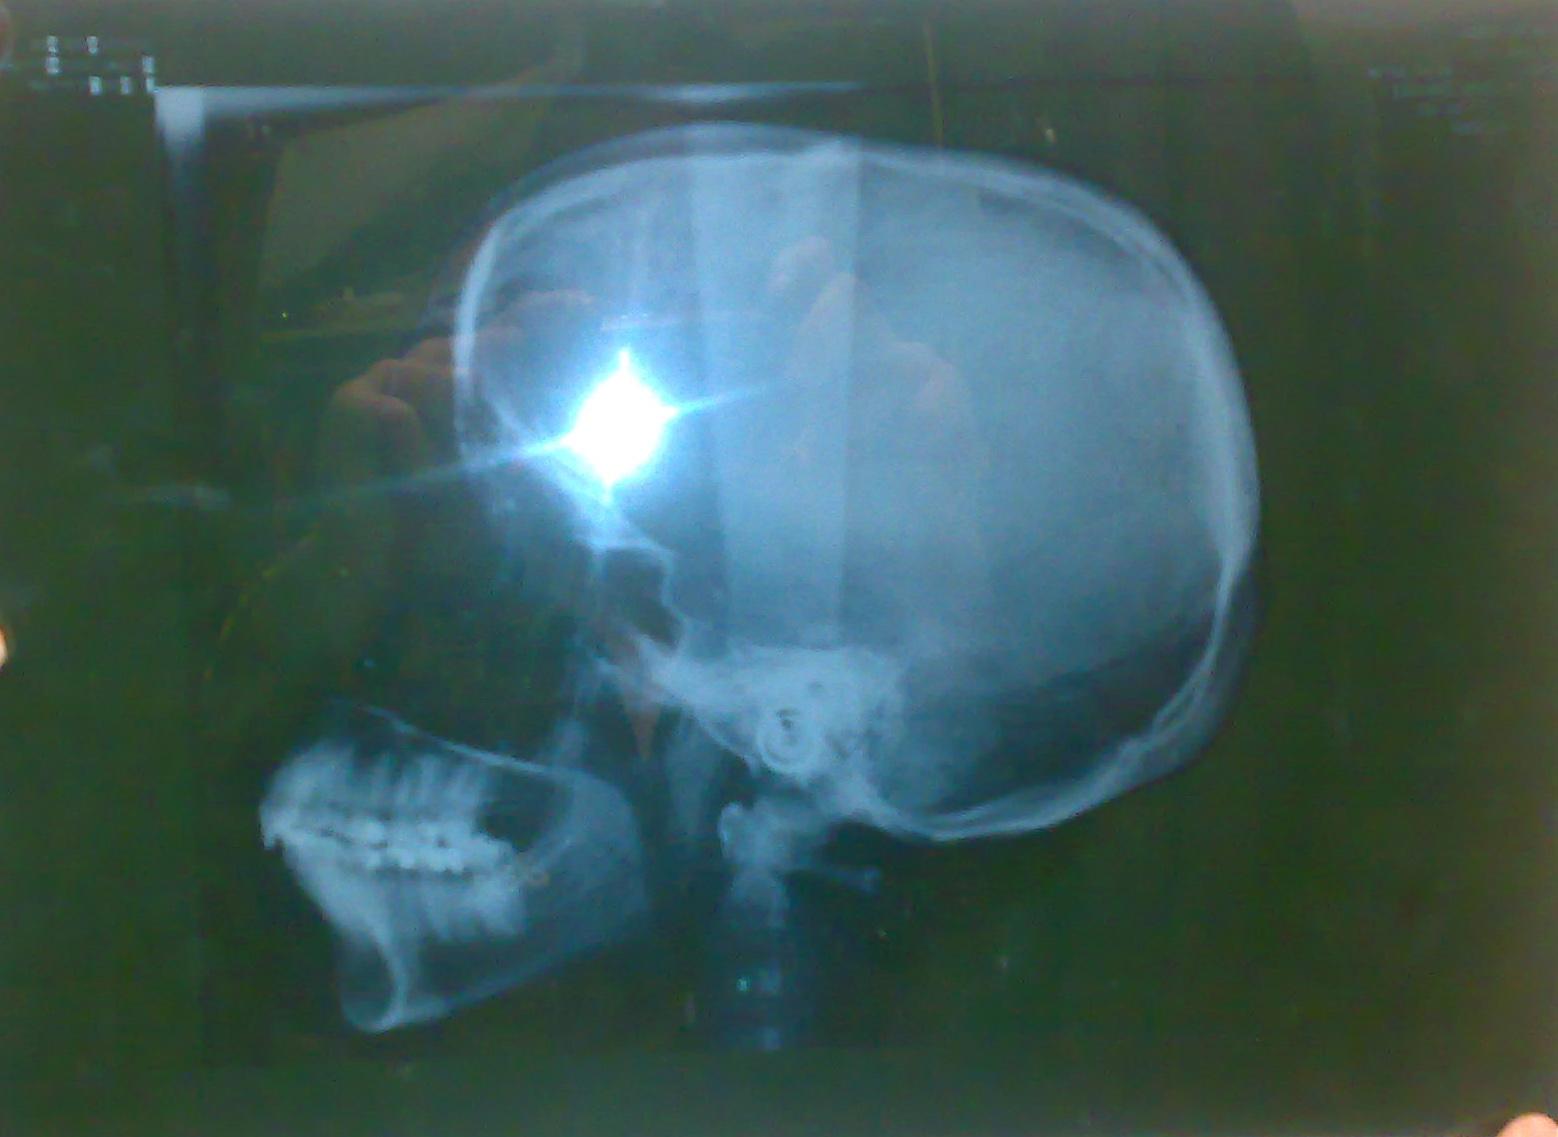 SEGUITO ALLA DOMANDA: Ho 36 anni e sono una seconda classe scheletrica.